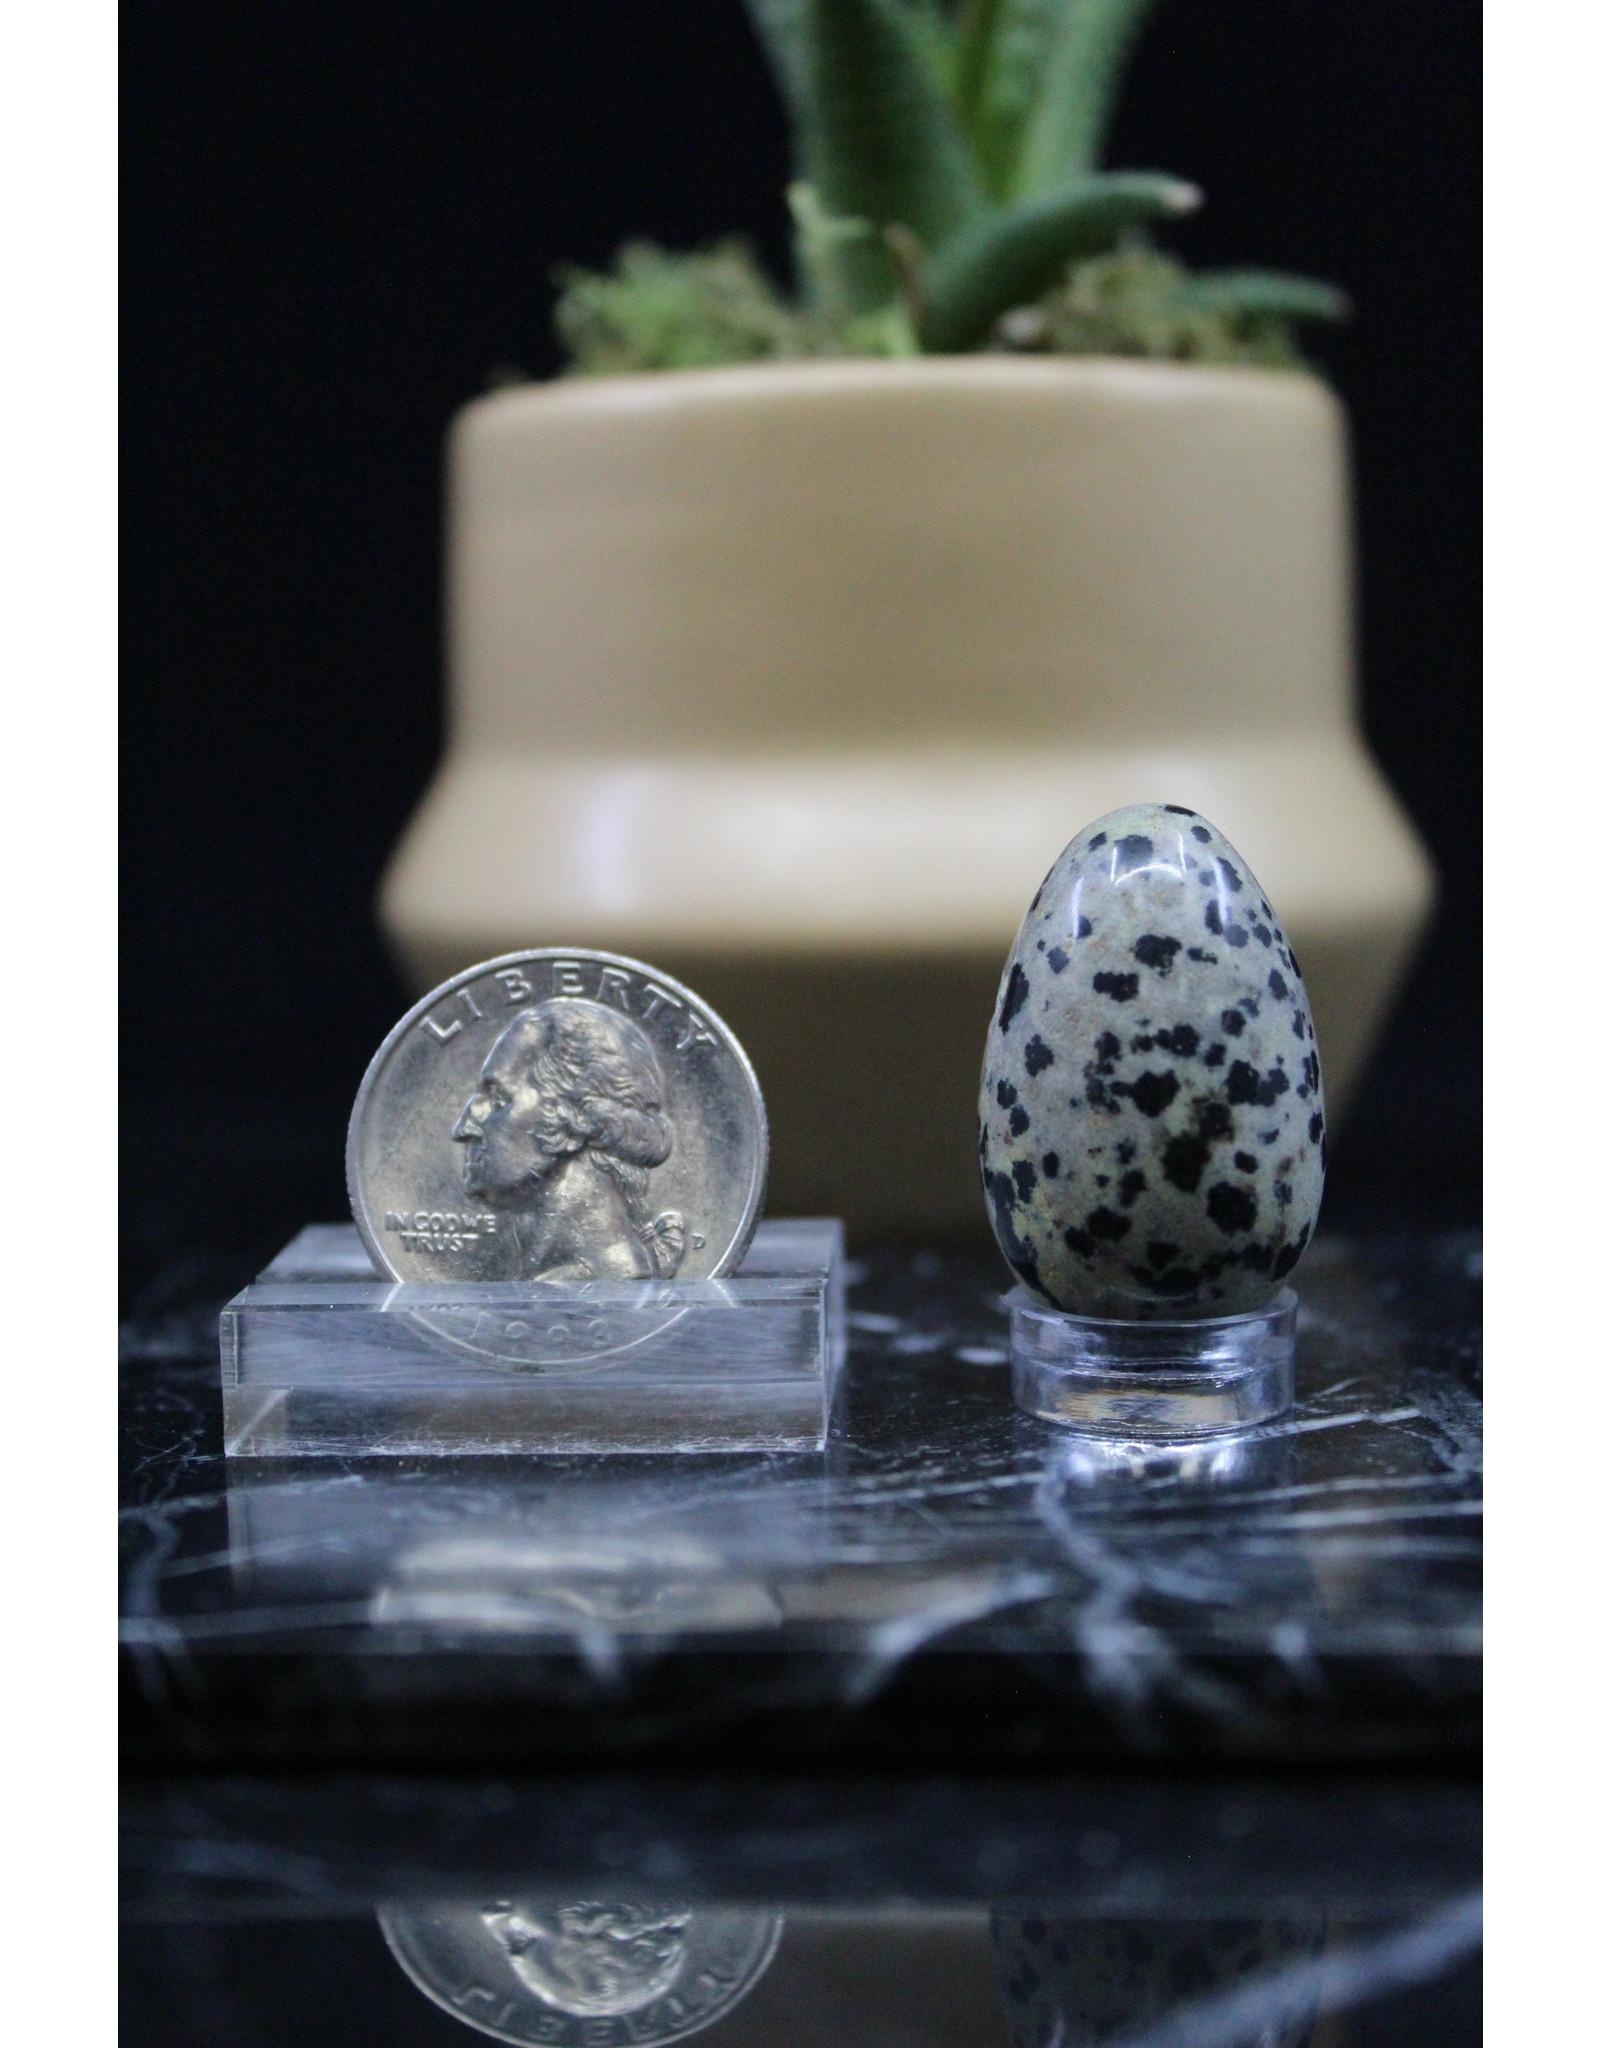 Dalmation Jasper Egg - Small